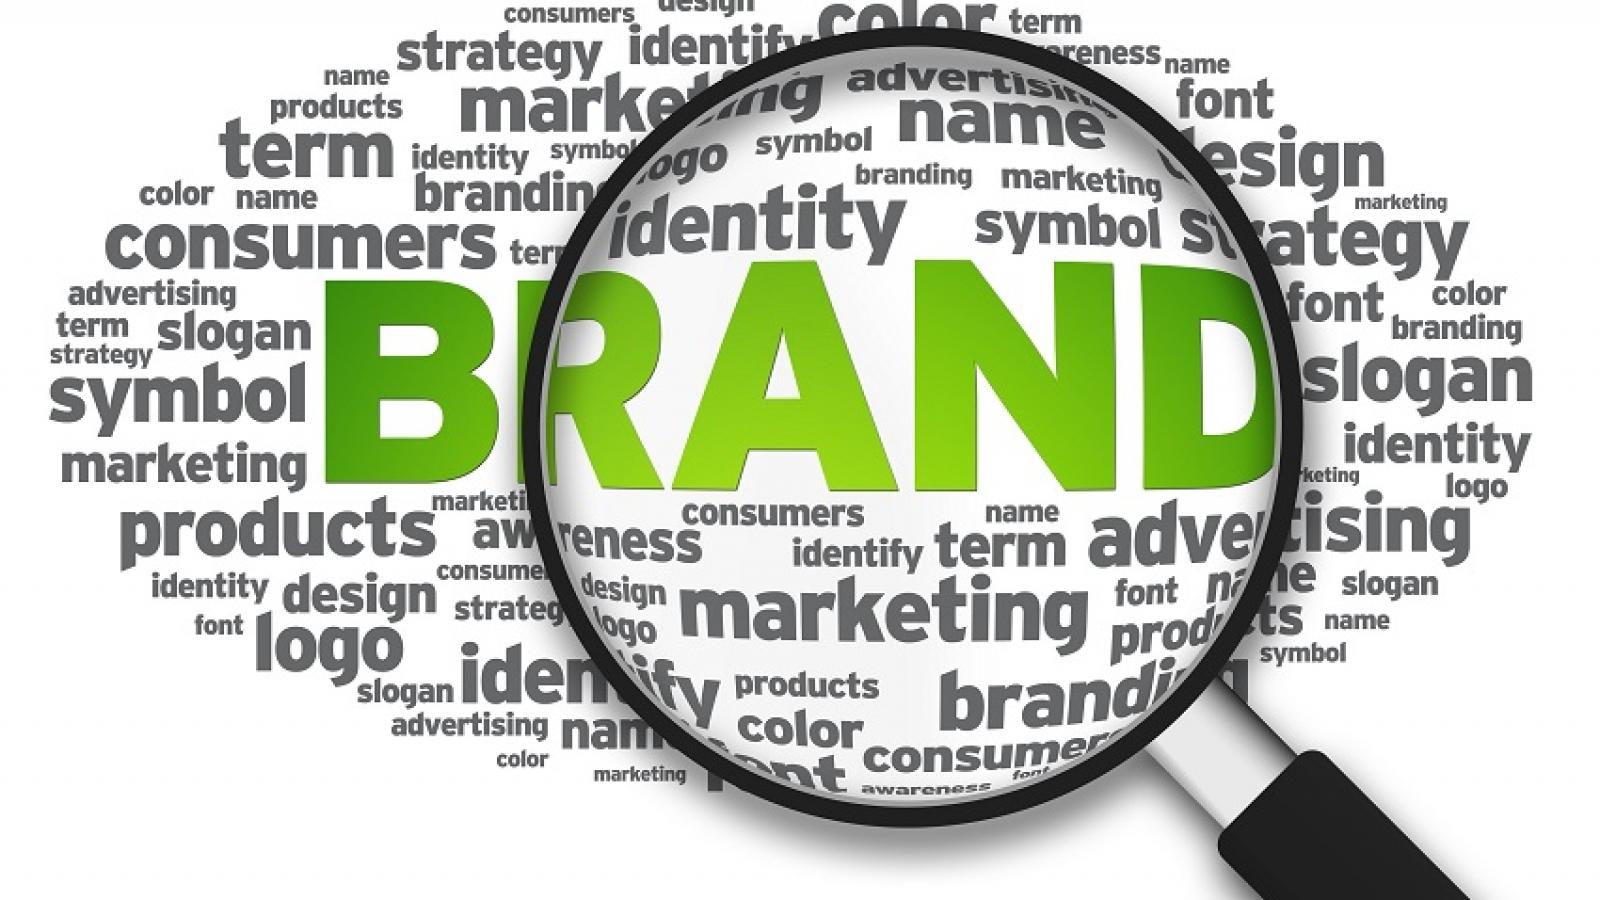 Why do I need a brand